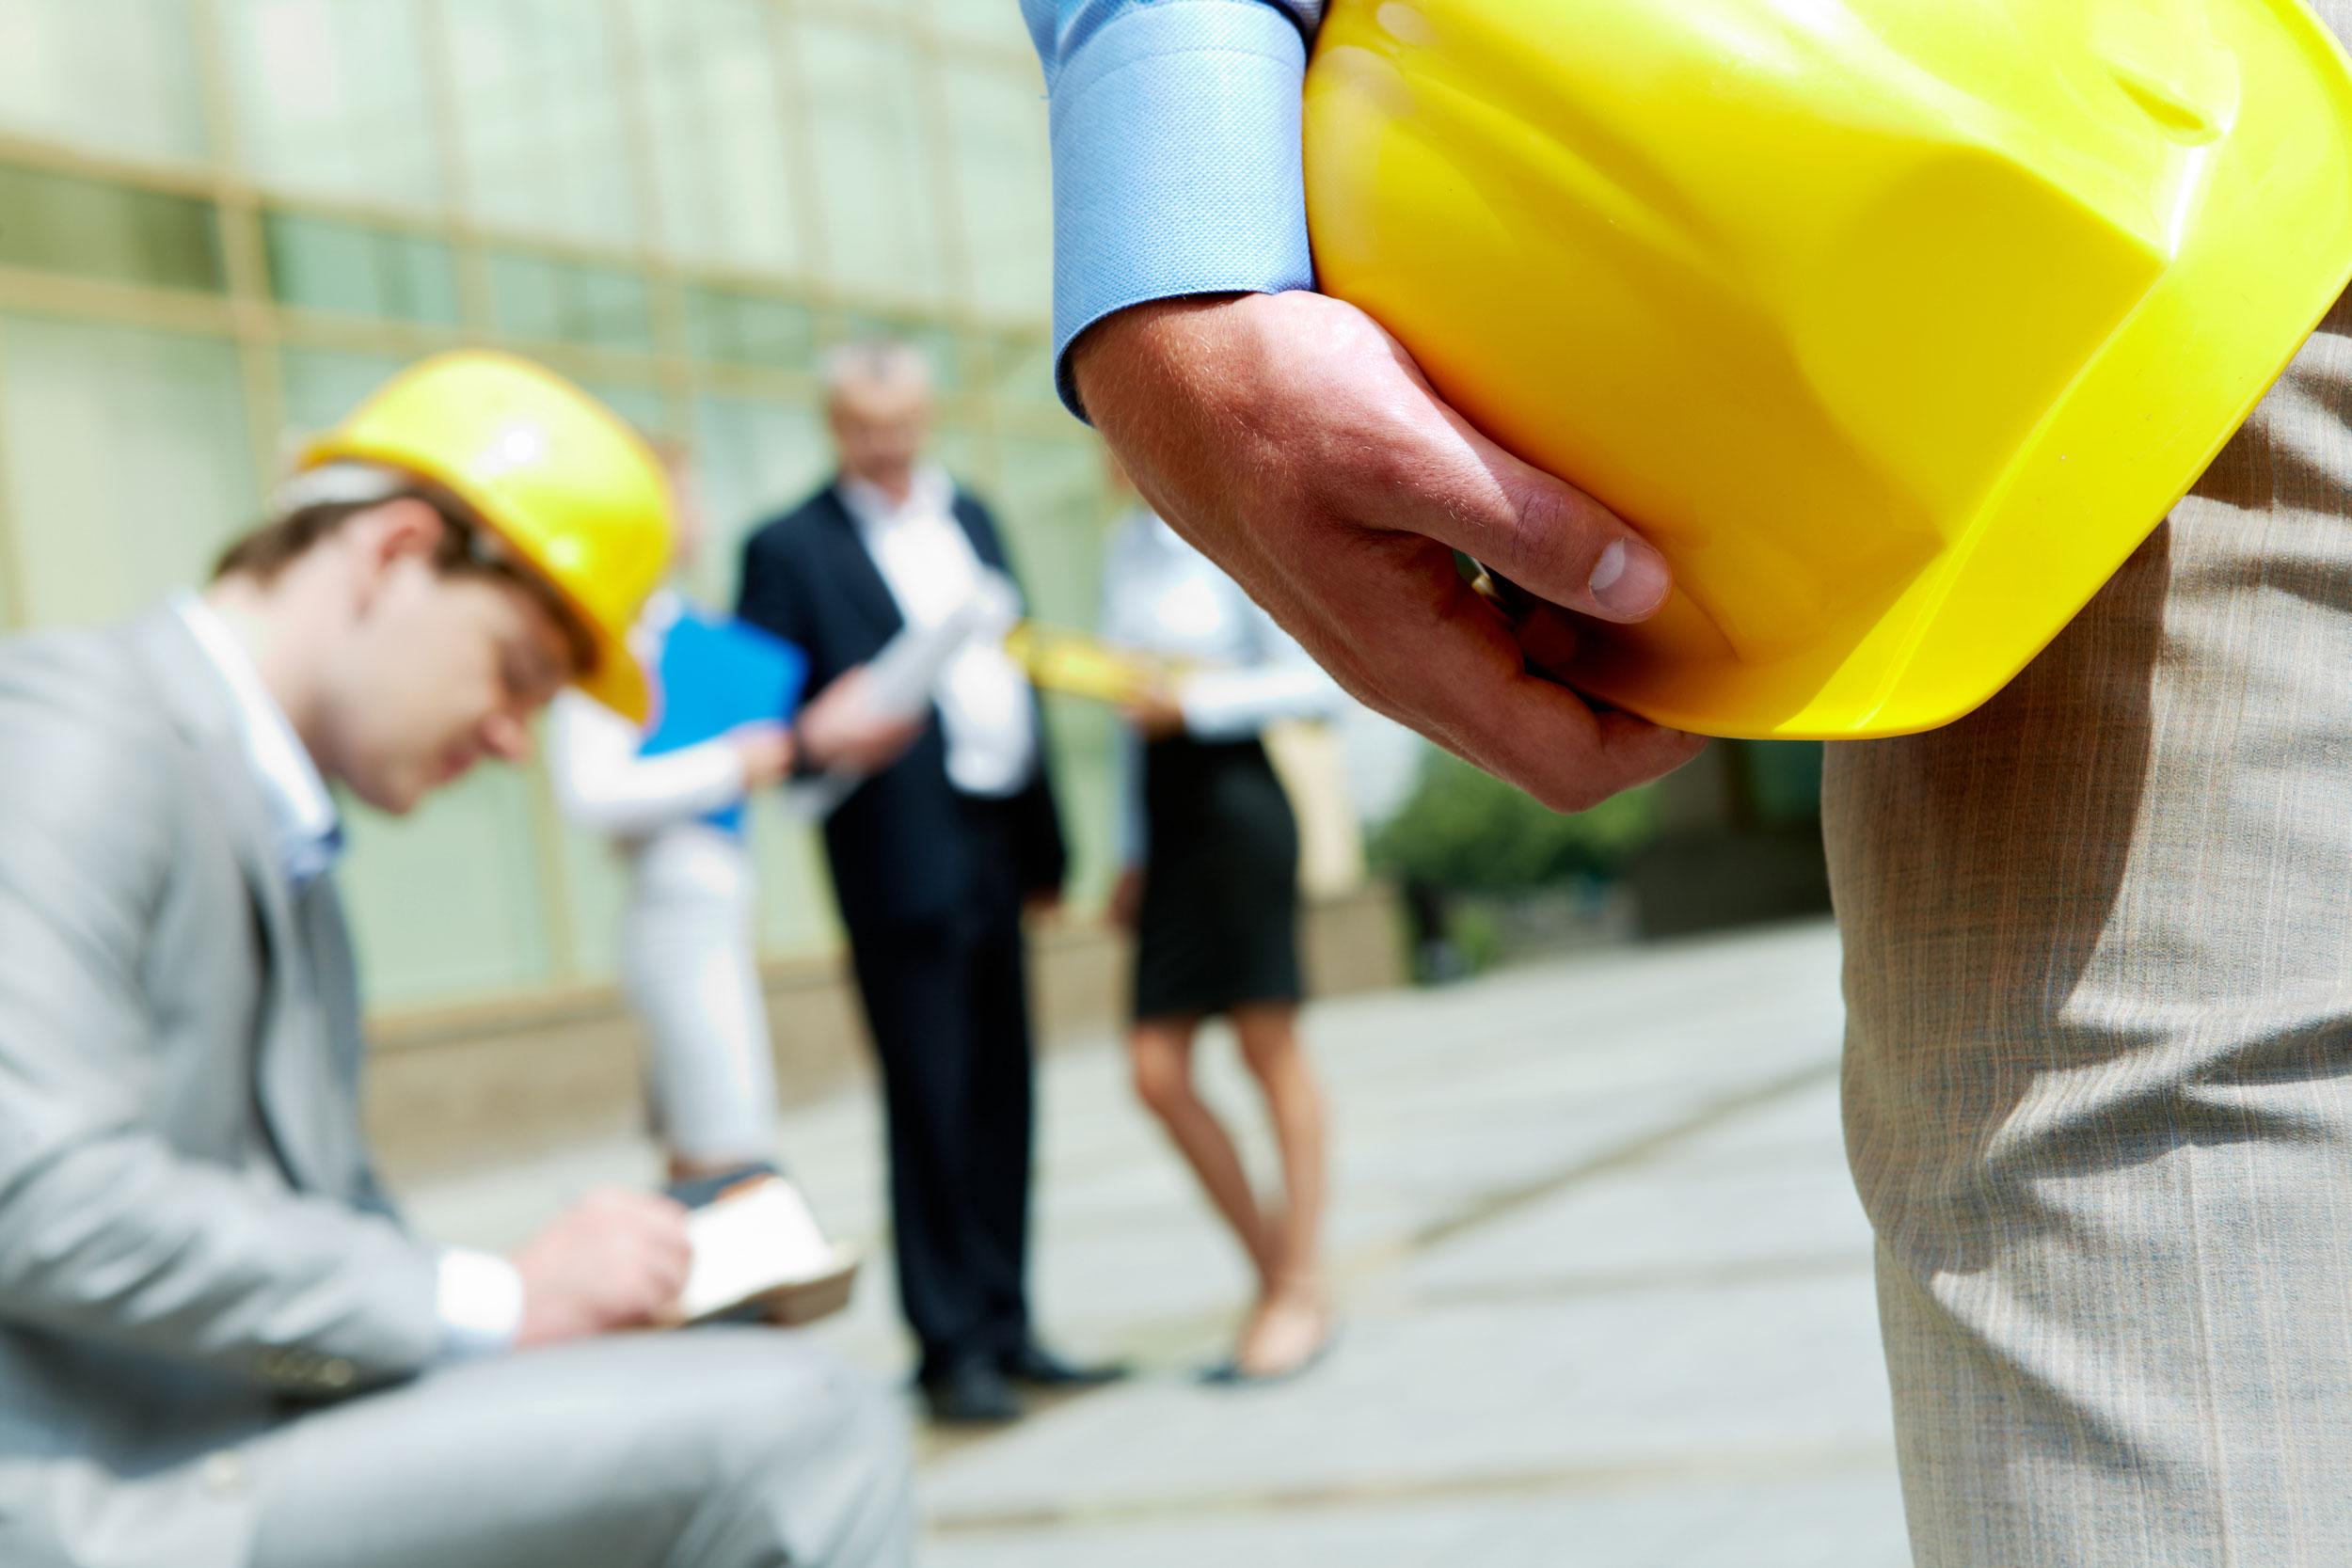 elenco-corsi-sicurezza-sul-lavoro